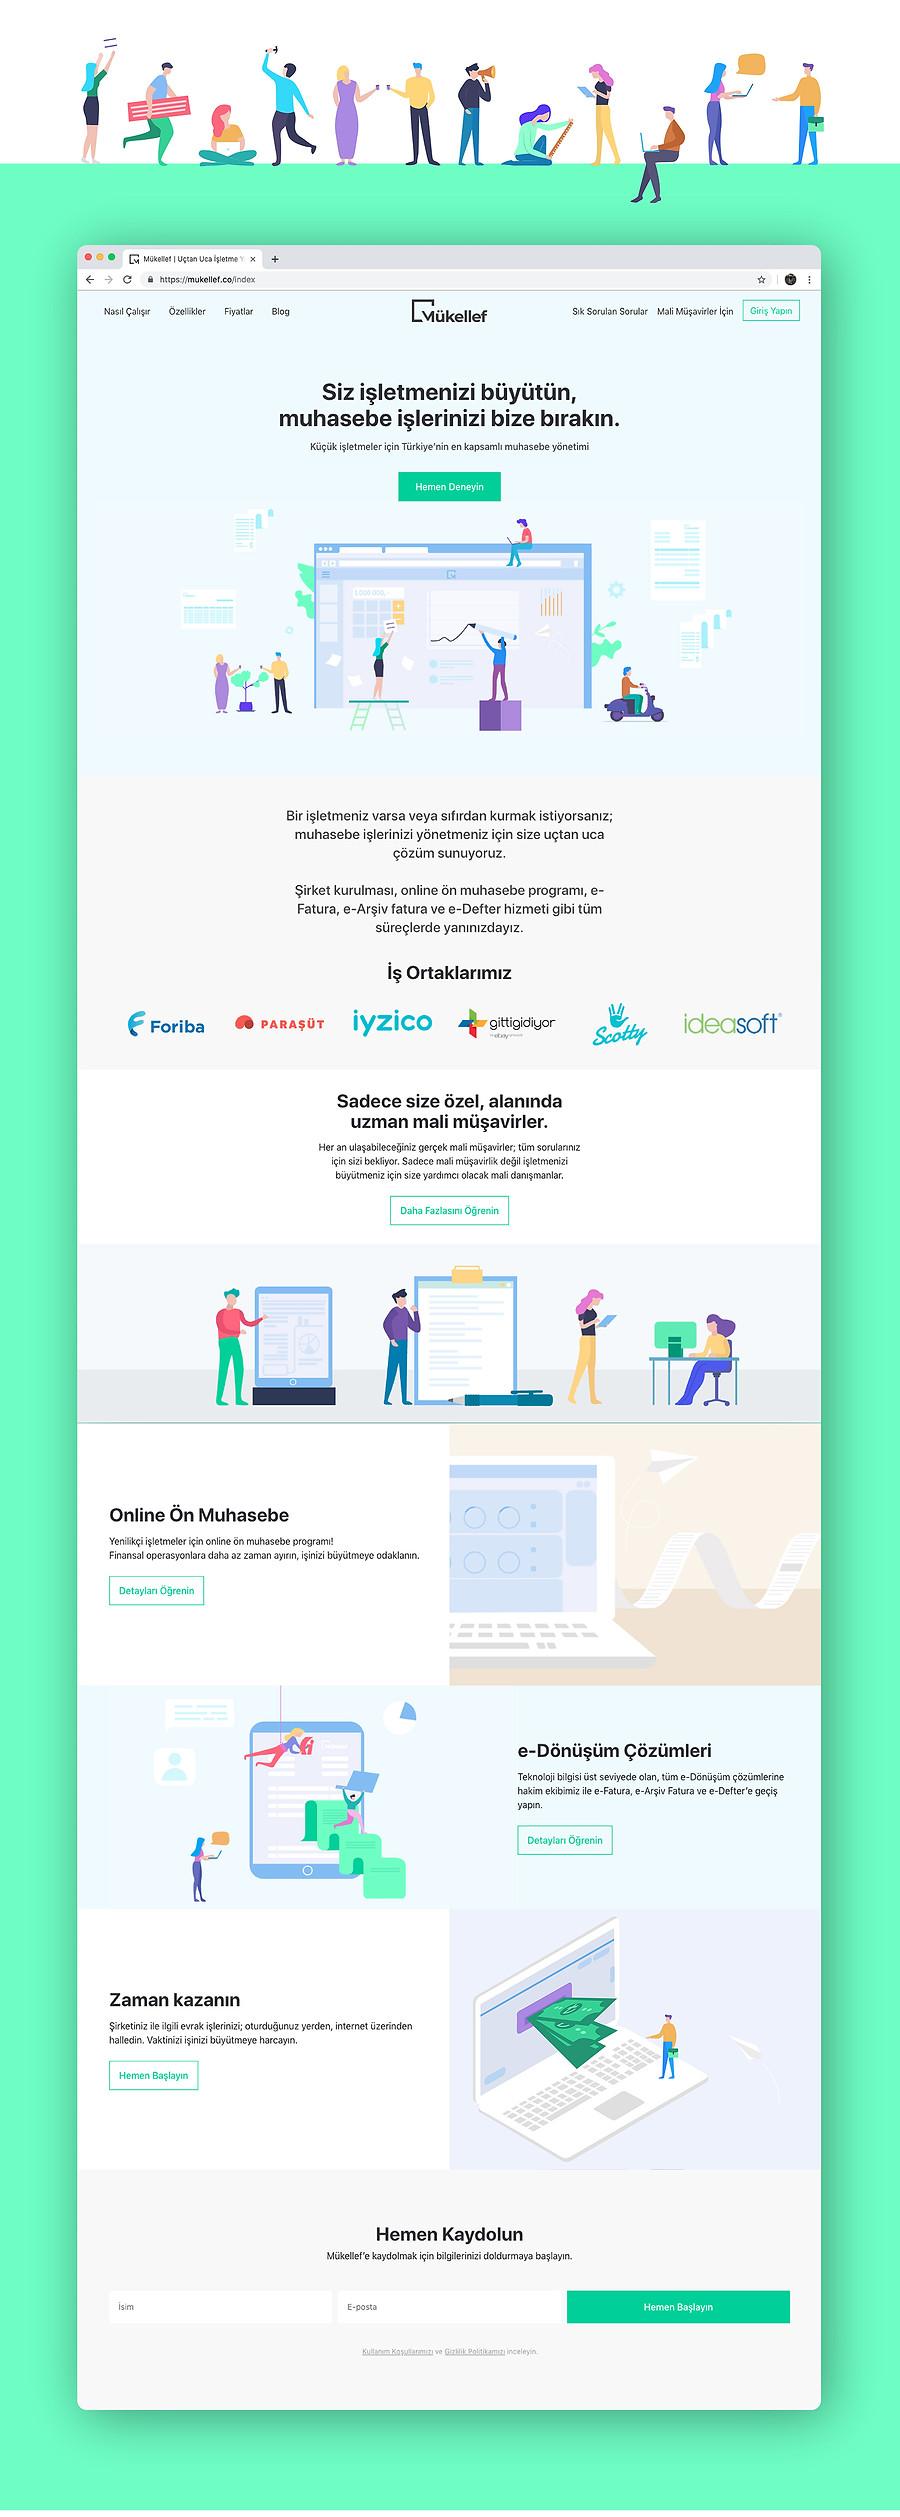 mükellef mali müşavirlik platformu illustrasyon web sitesi tasarımı